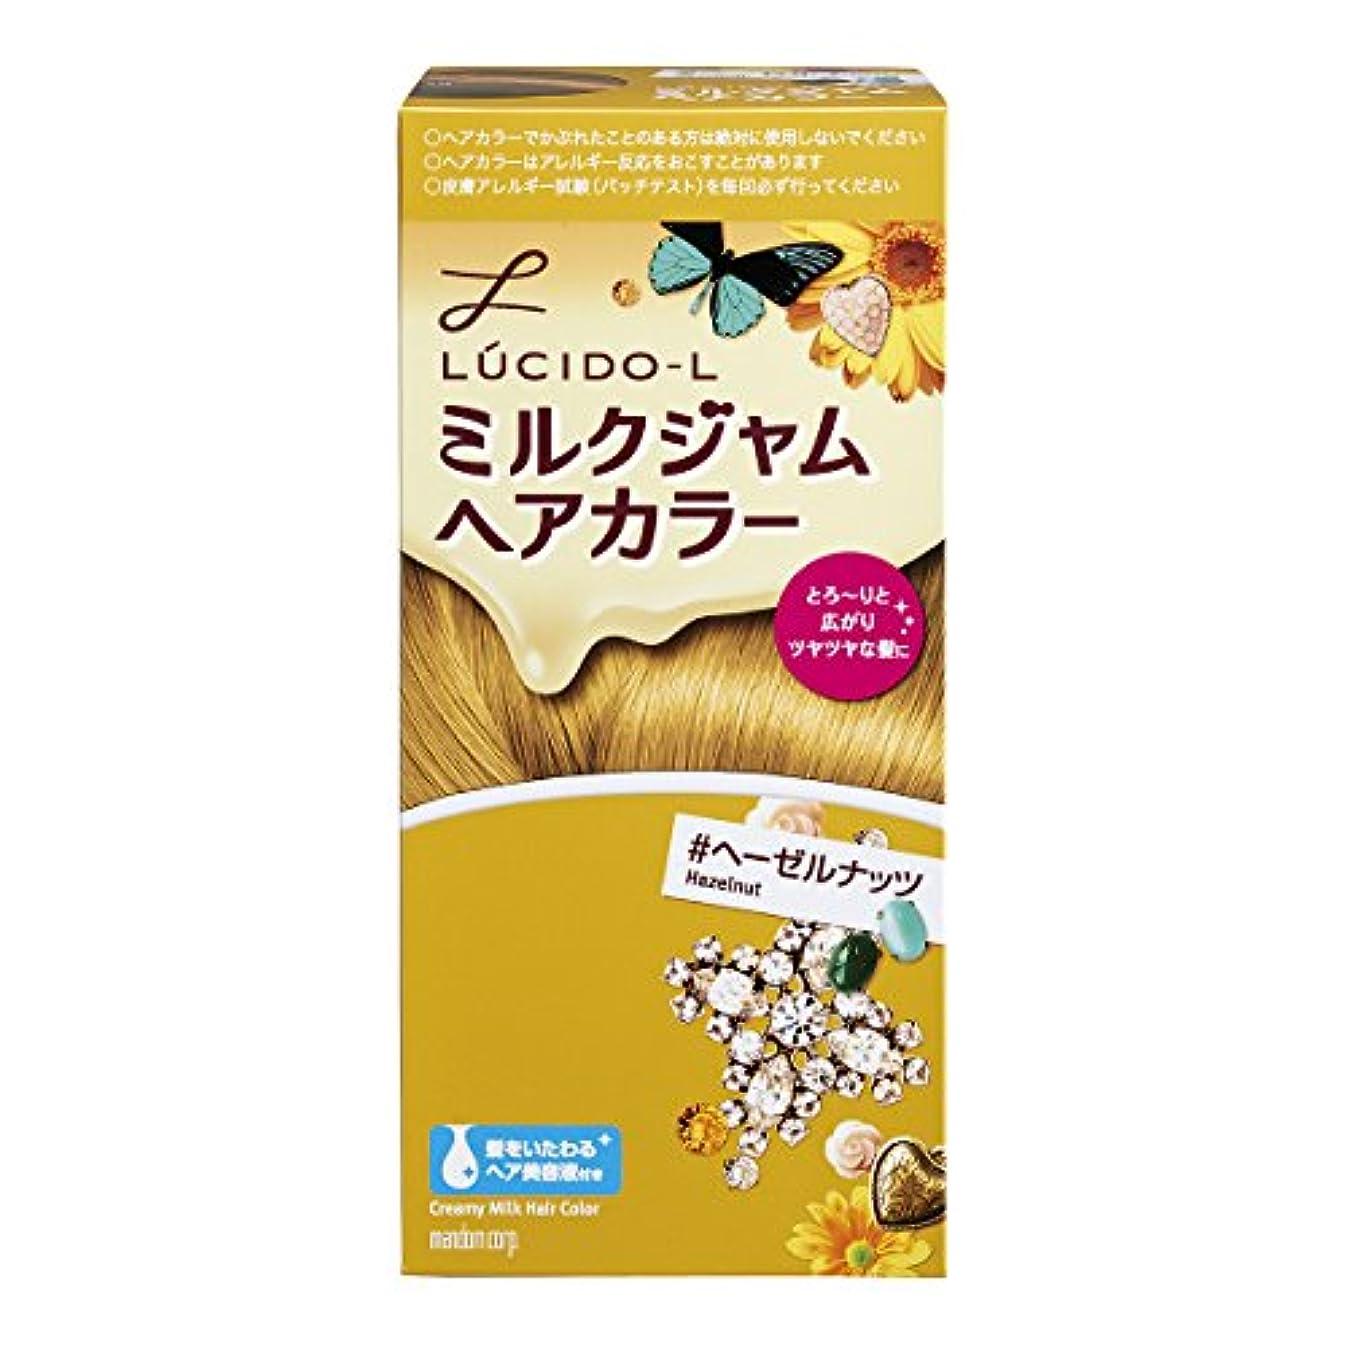 リビングルーム一貫性のない並外れてLUCIDO-L (ルシードエル) ミルクジャムヘアカラー #ヘーゼルナッツ (医薬部外品) (1剤40g 2剤80mL TR5g)